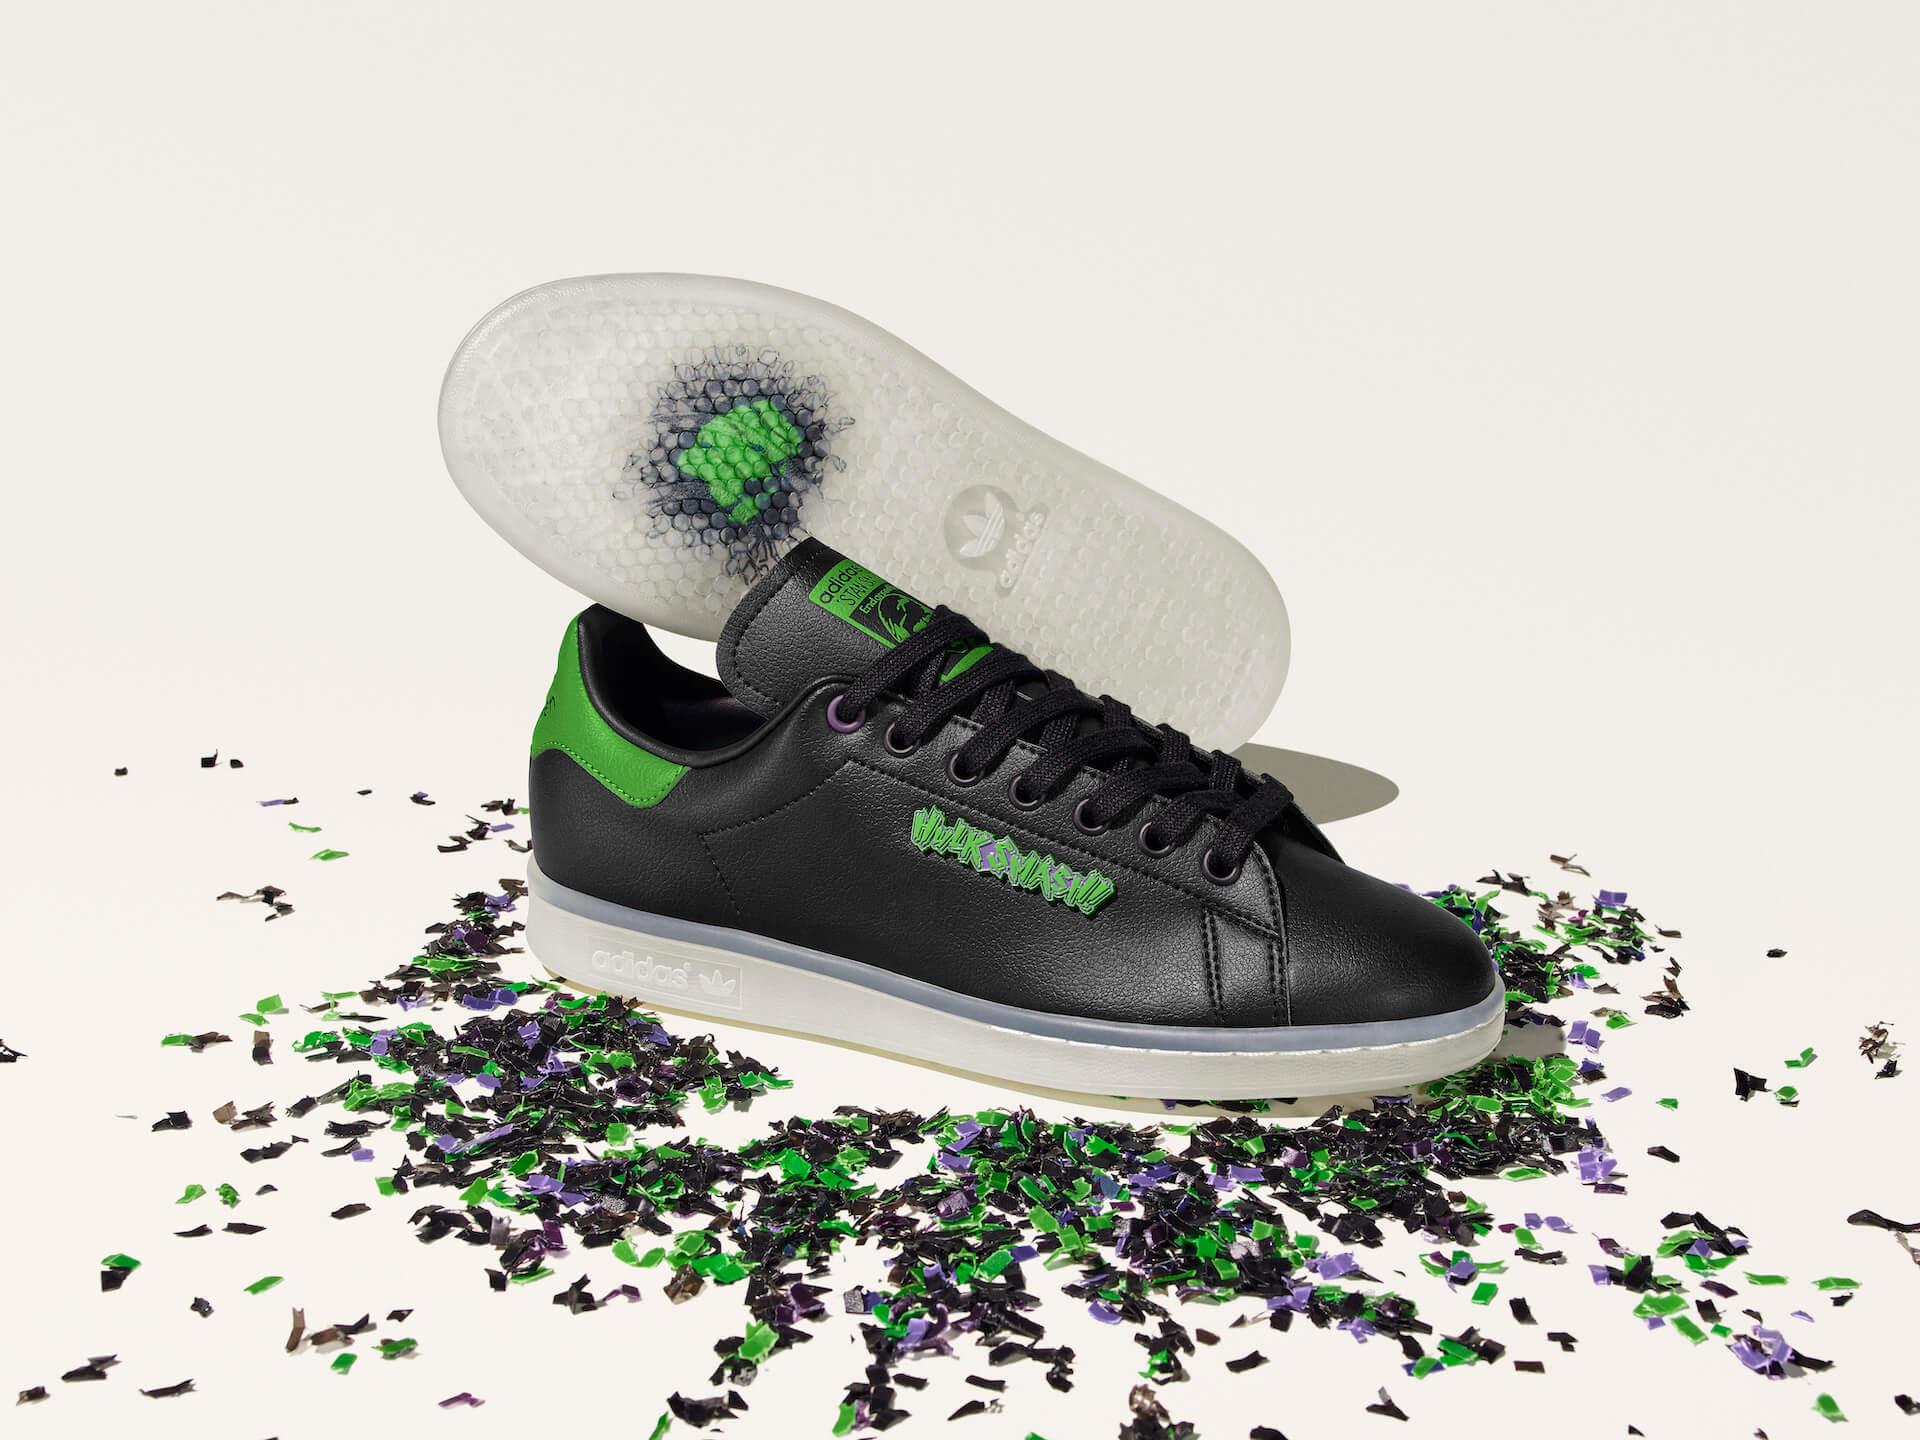 adidas「スタンスミス」のサステナブルコレクションに『モンスターズ・インク』マイク・ワゾウスキやマーベル・ハルクを配したモデルが登場! life210323_adidas_stansmith_18